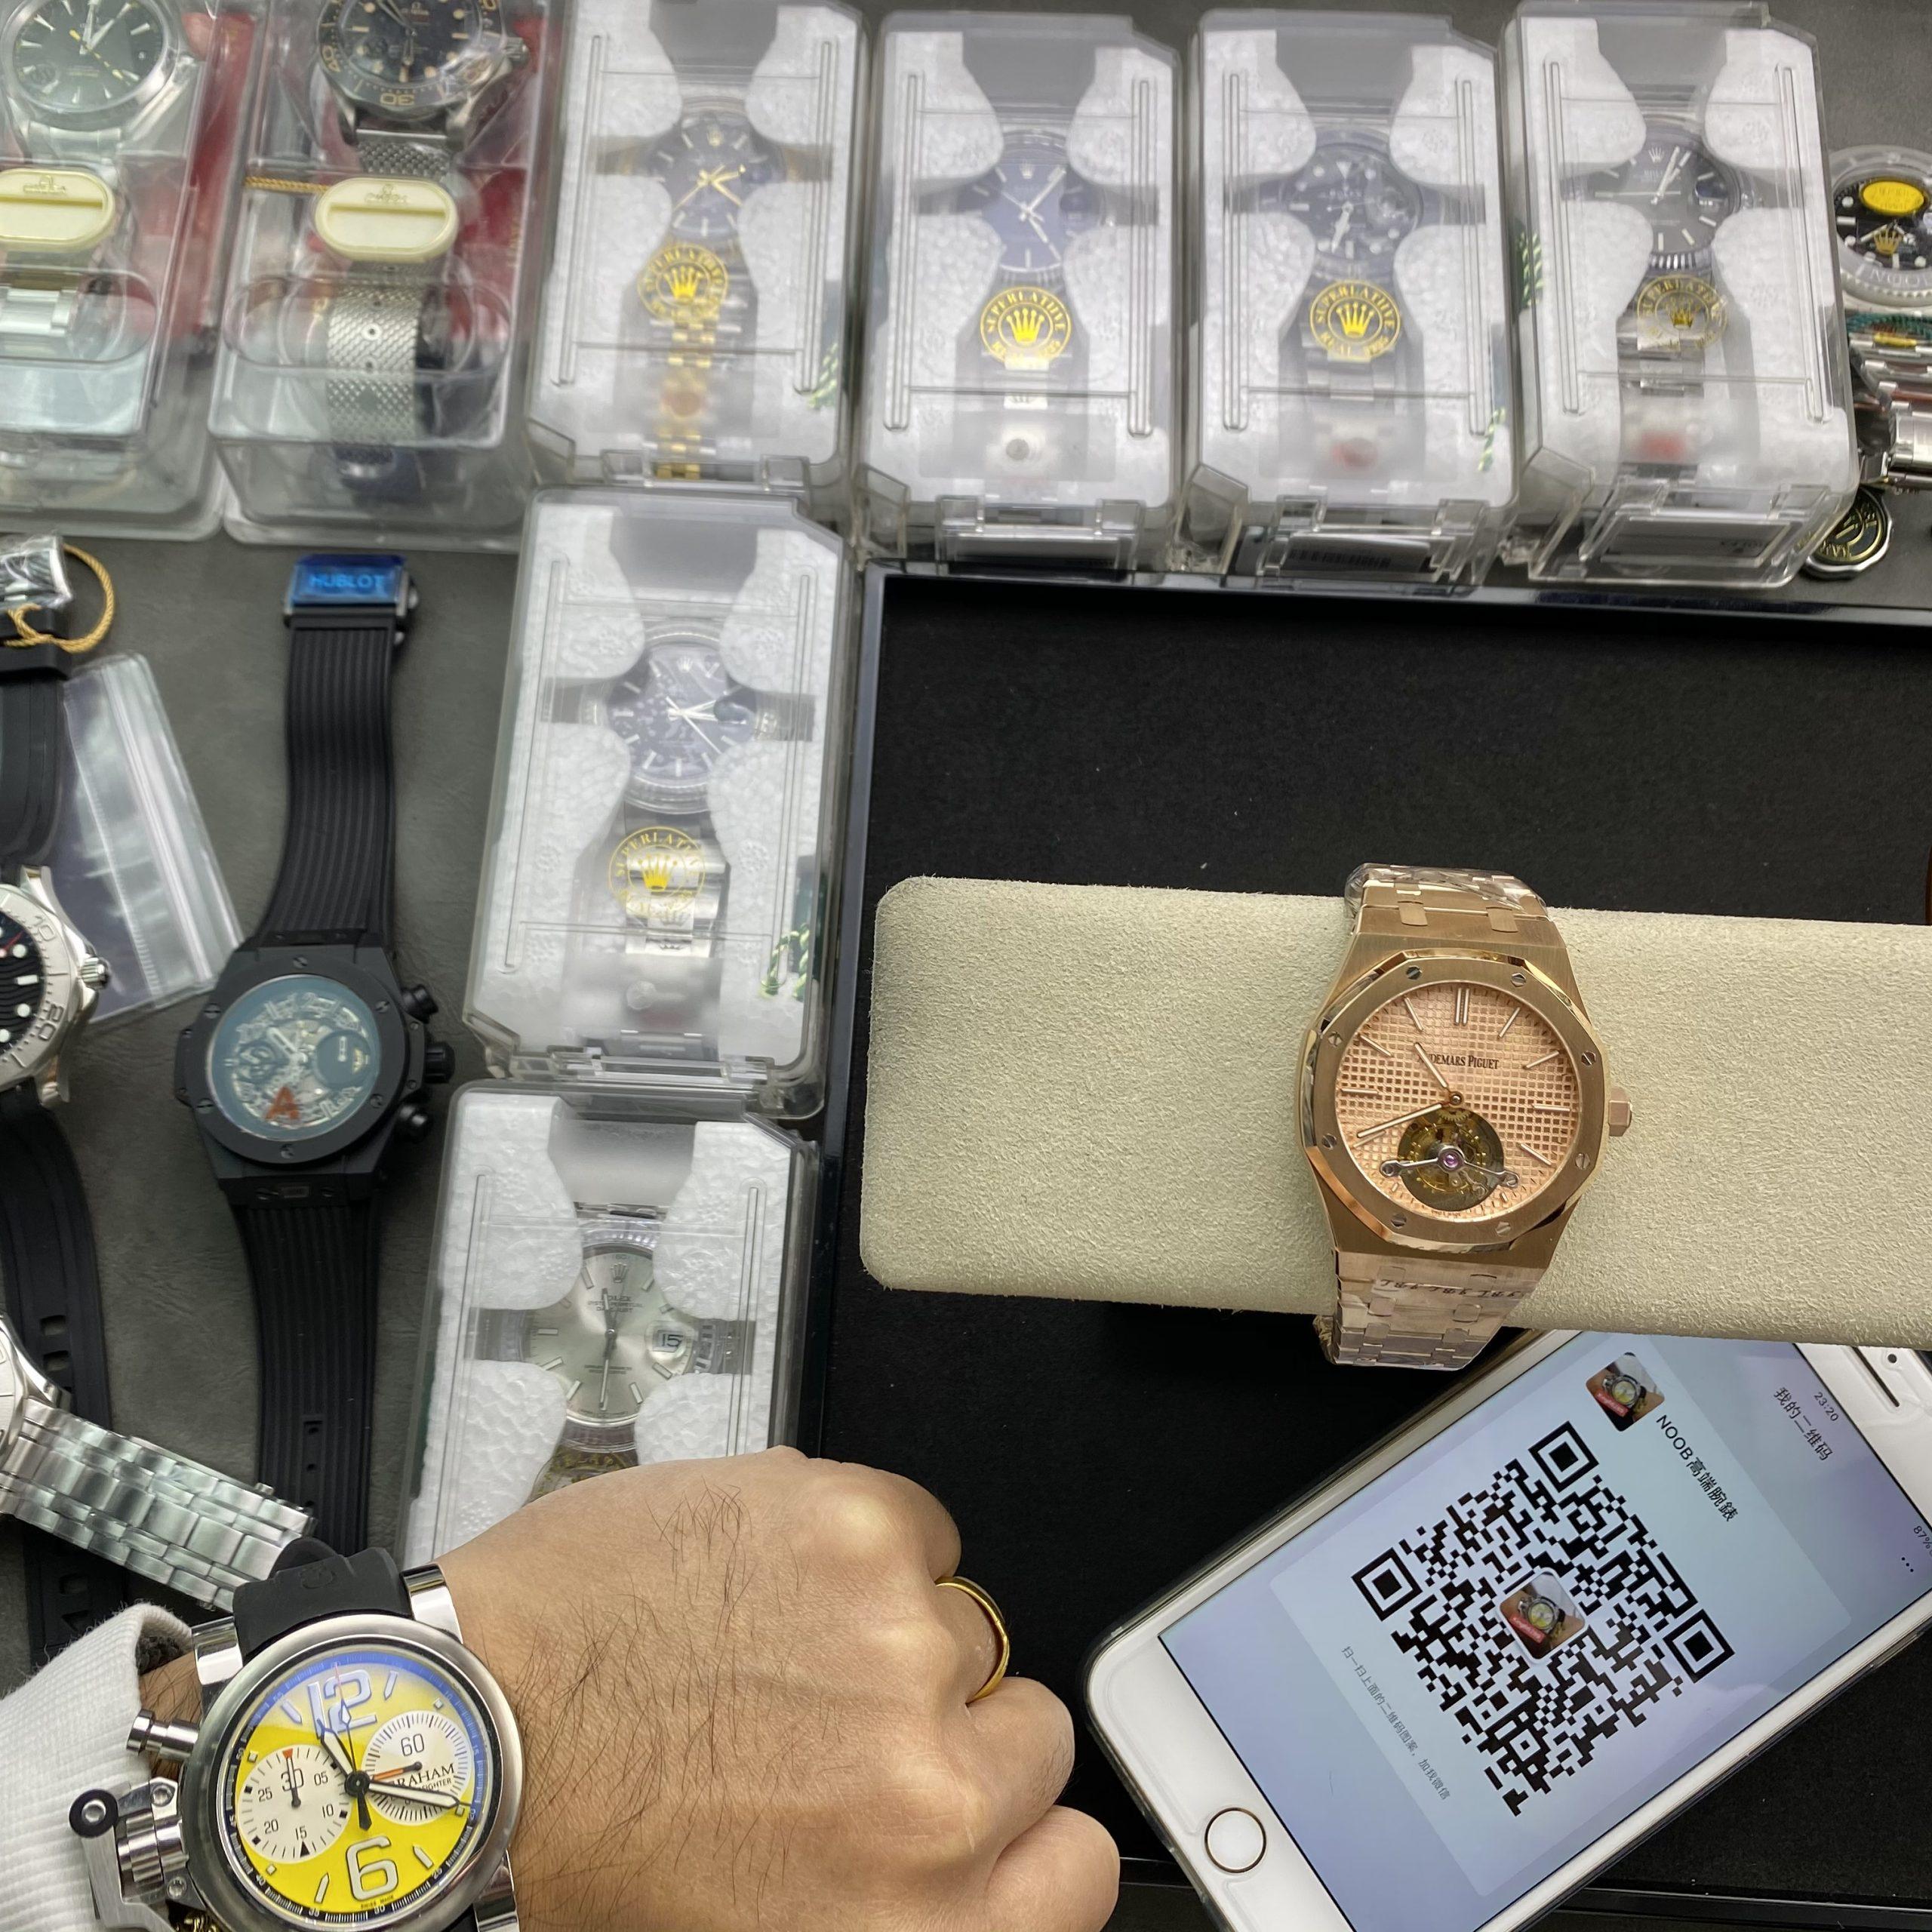 手錶論壇談論複刻手錶與高仿表值不值得買?